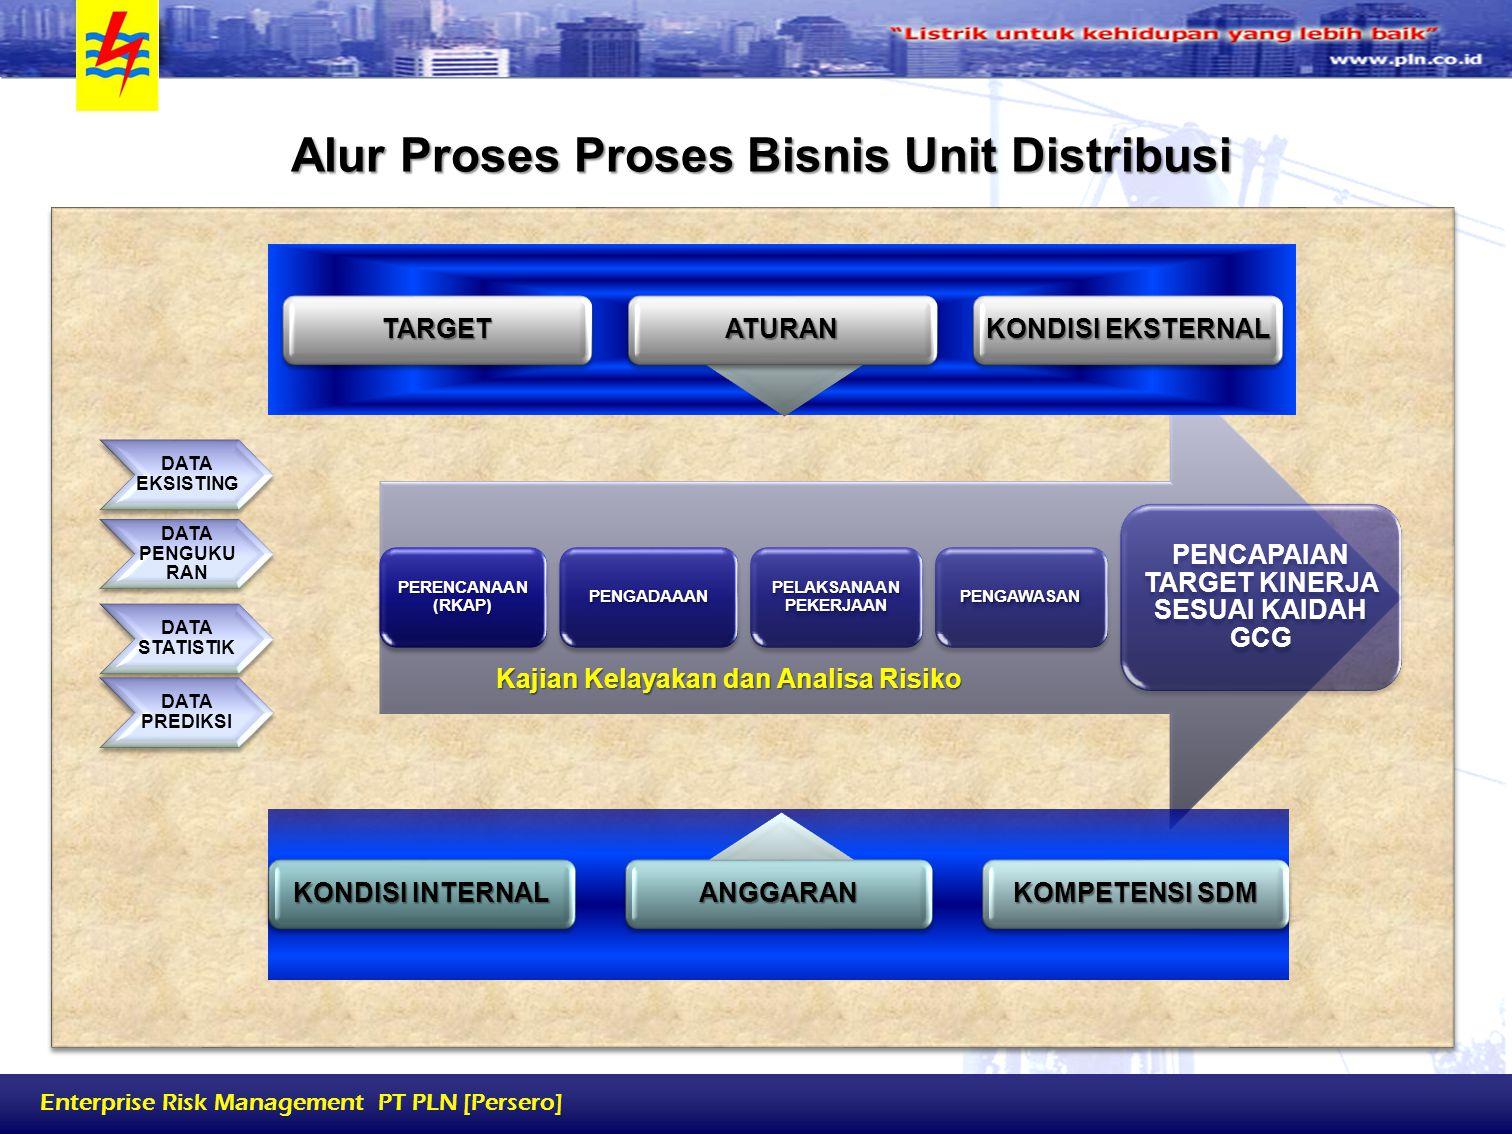 Enterprise Risk Management PT PLN [Persero] Alur Proses Proses Bisnis Unit Distribusi PERENCANAAN (RKAP) PENGADAAAN PELAKSANAAN PEKERJAAN PENGAWASAN P